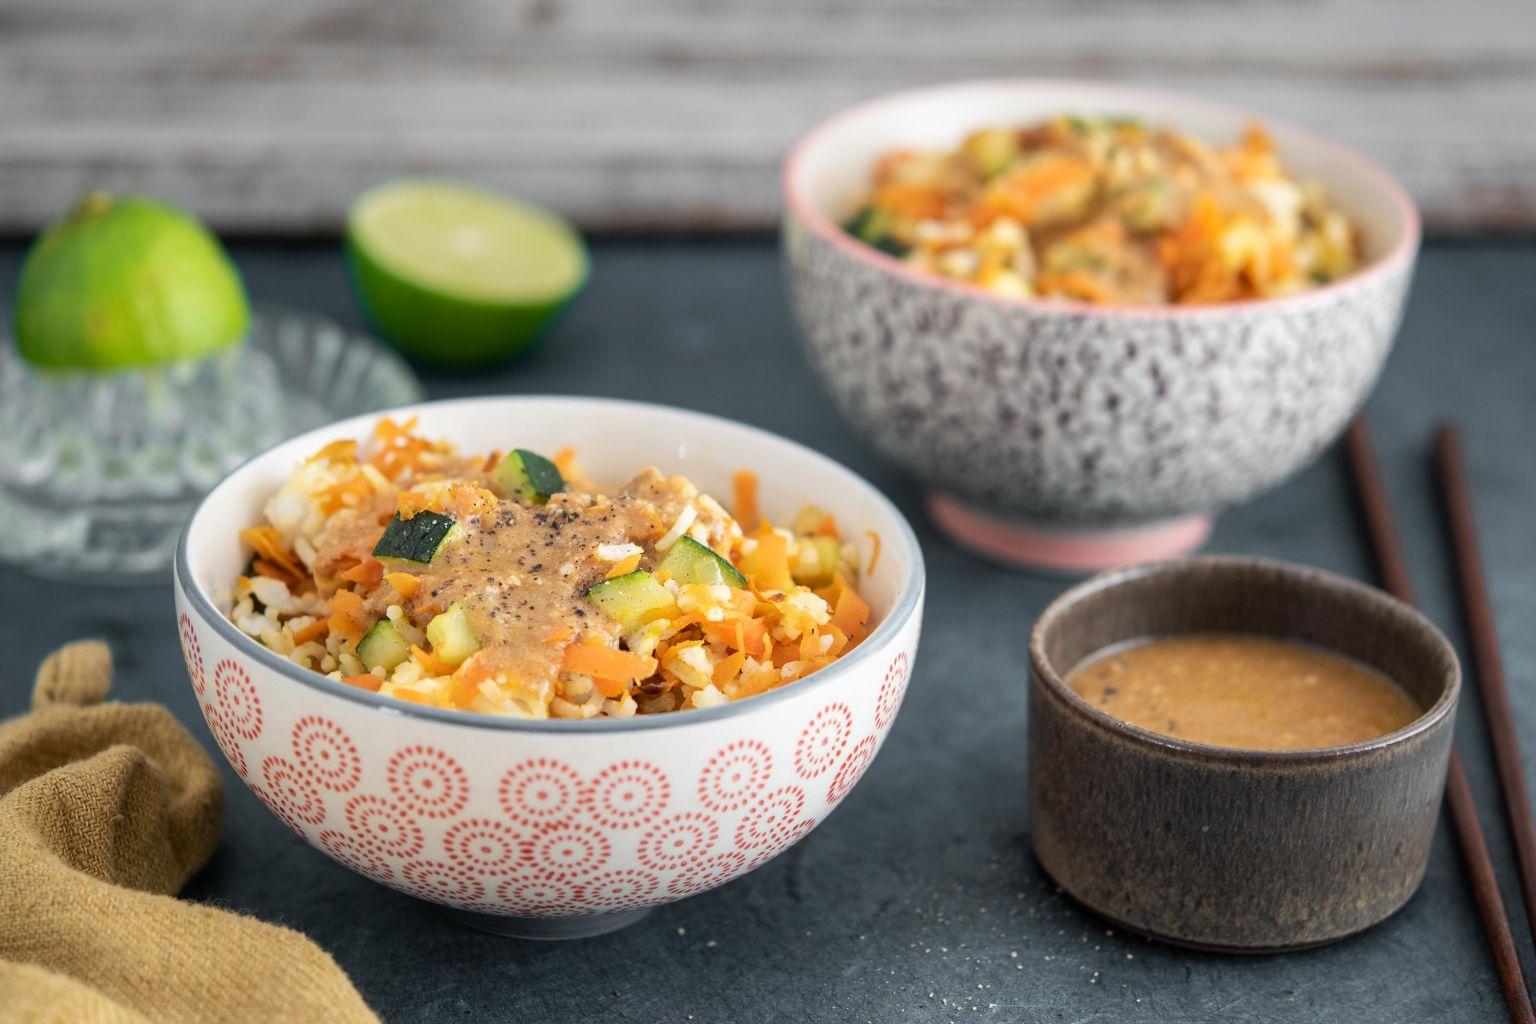 Riz sauté aux légumes et sauce satay